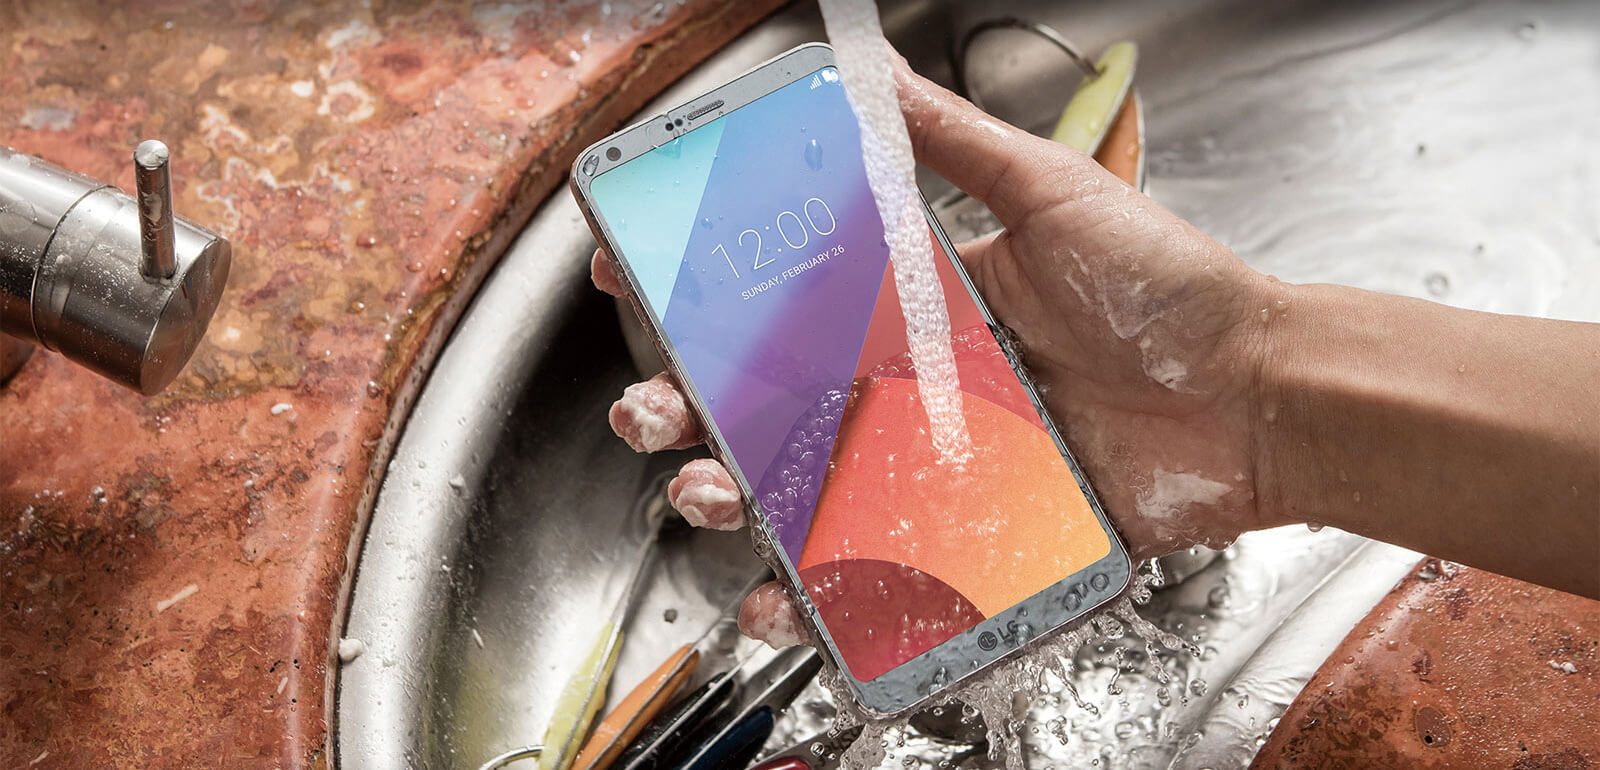 LG G6 (4G/64G)